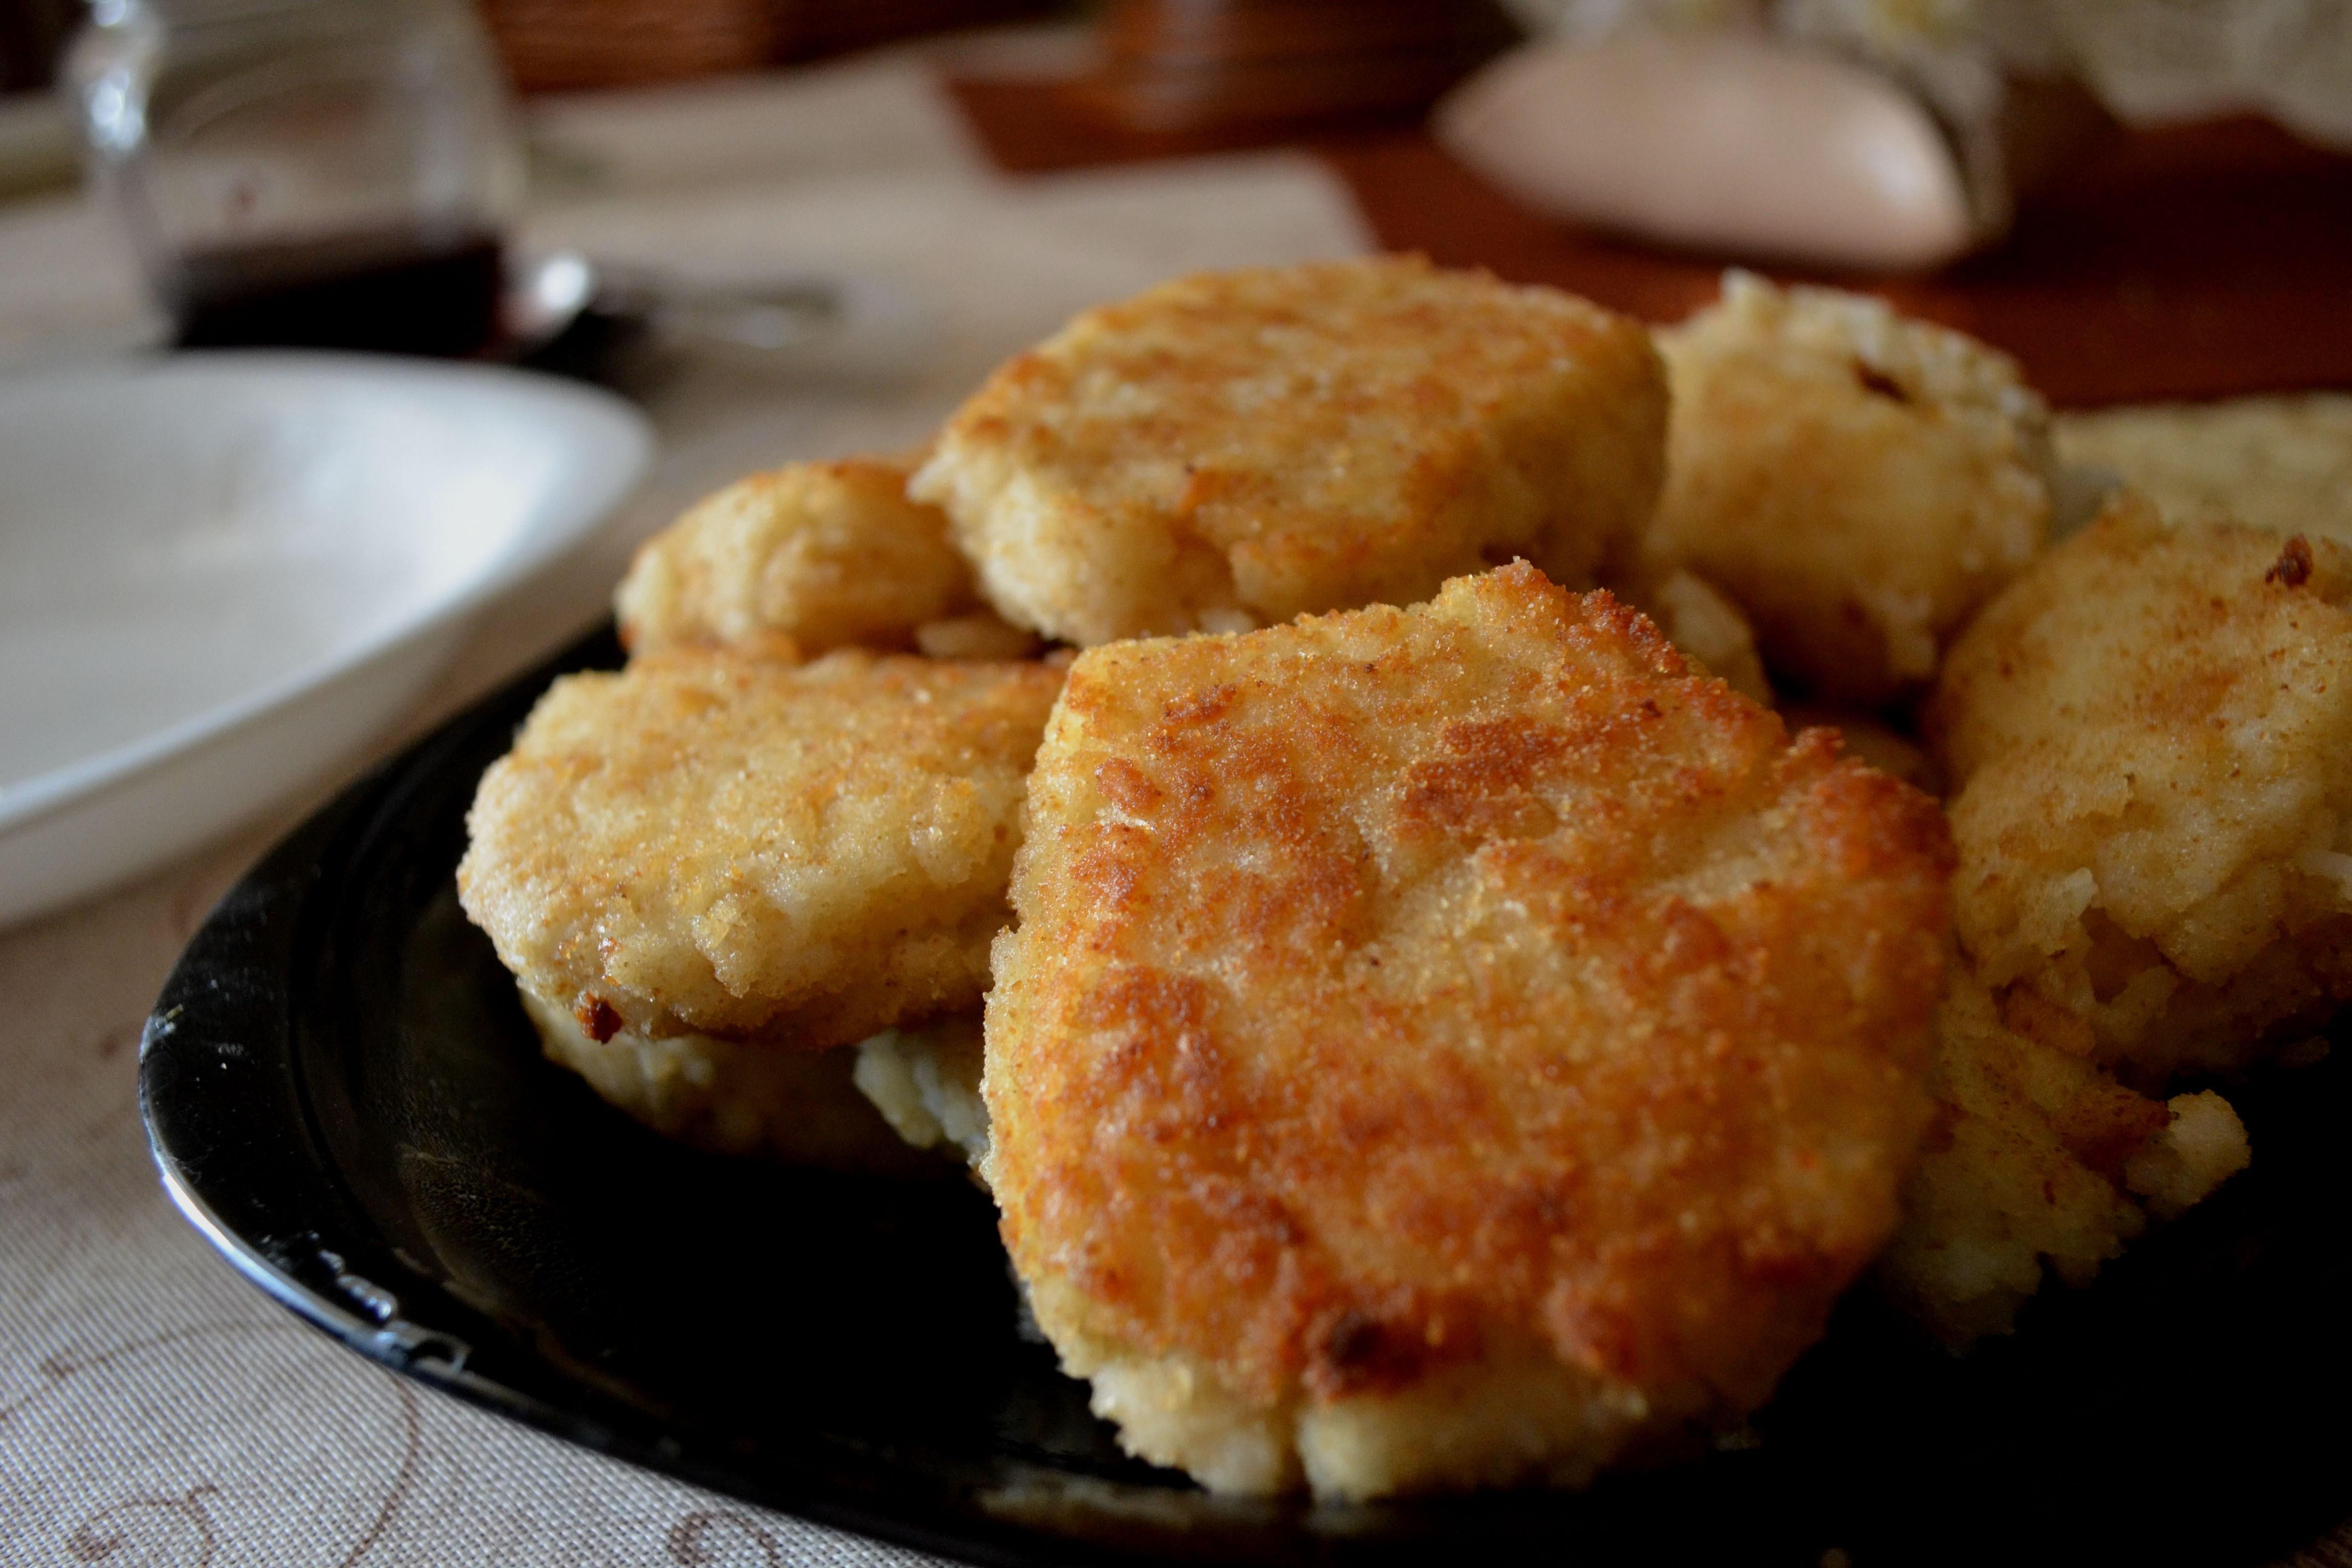 рисовые котлеты пошаговый рецепт с фото